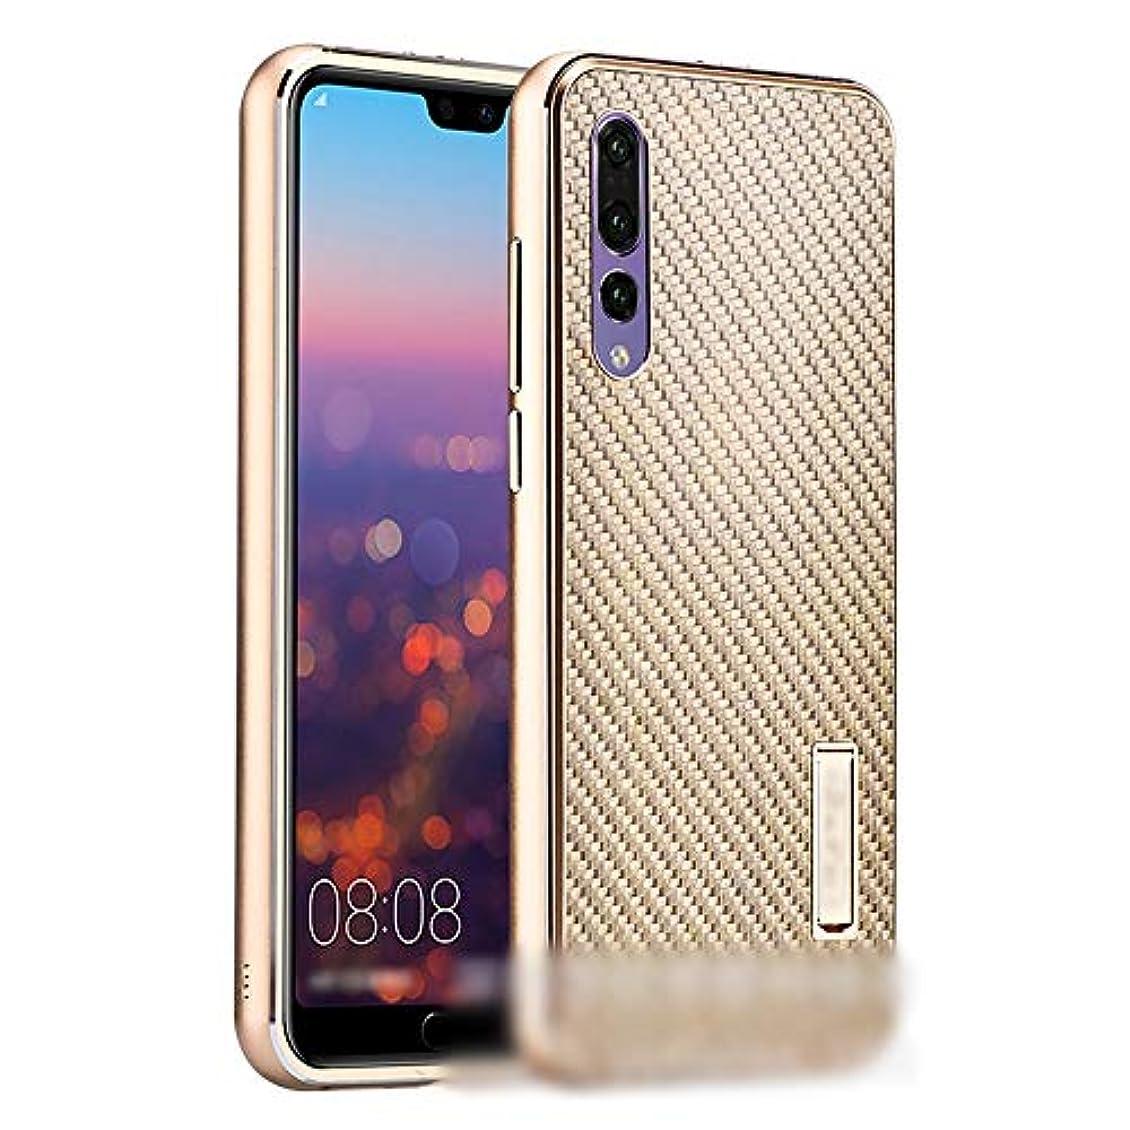 ディスカウント激怒スイングTonglilili 携帯電話ケース、Huawei P20、P20 Pro、Mate10、Mate10 Pro、P10 Plus、P10、P9 Plus、P9、Mate20 Pro、Mate20用メタルカーボンファイバー携帯電話ケースメタルカバー電話保護電話ケース (Color : ゴールド, Edition : P20 Pro)